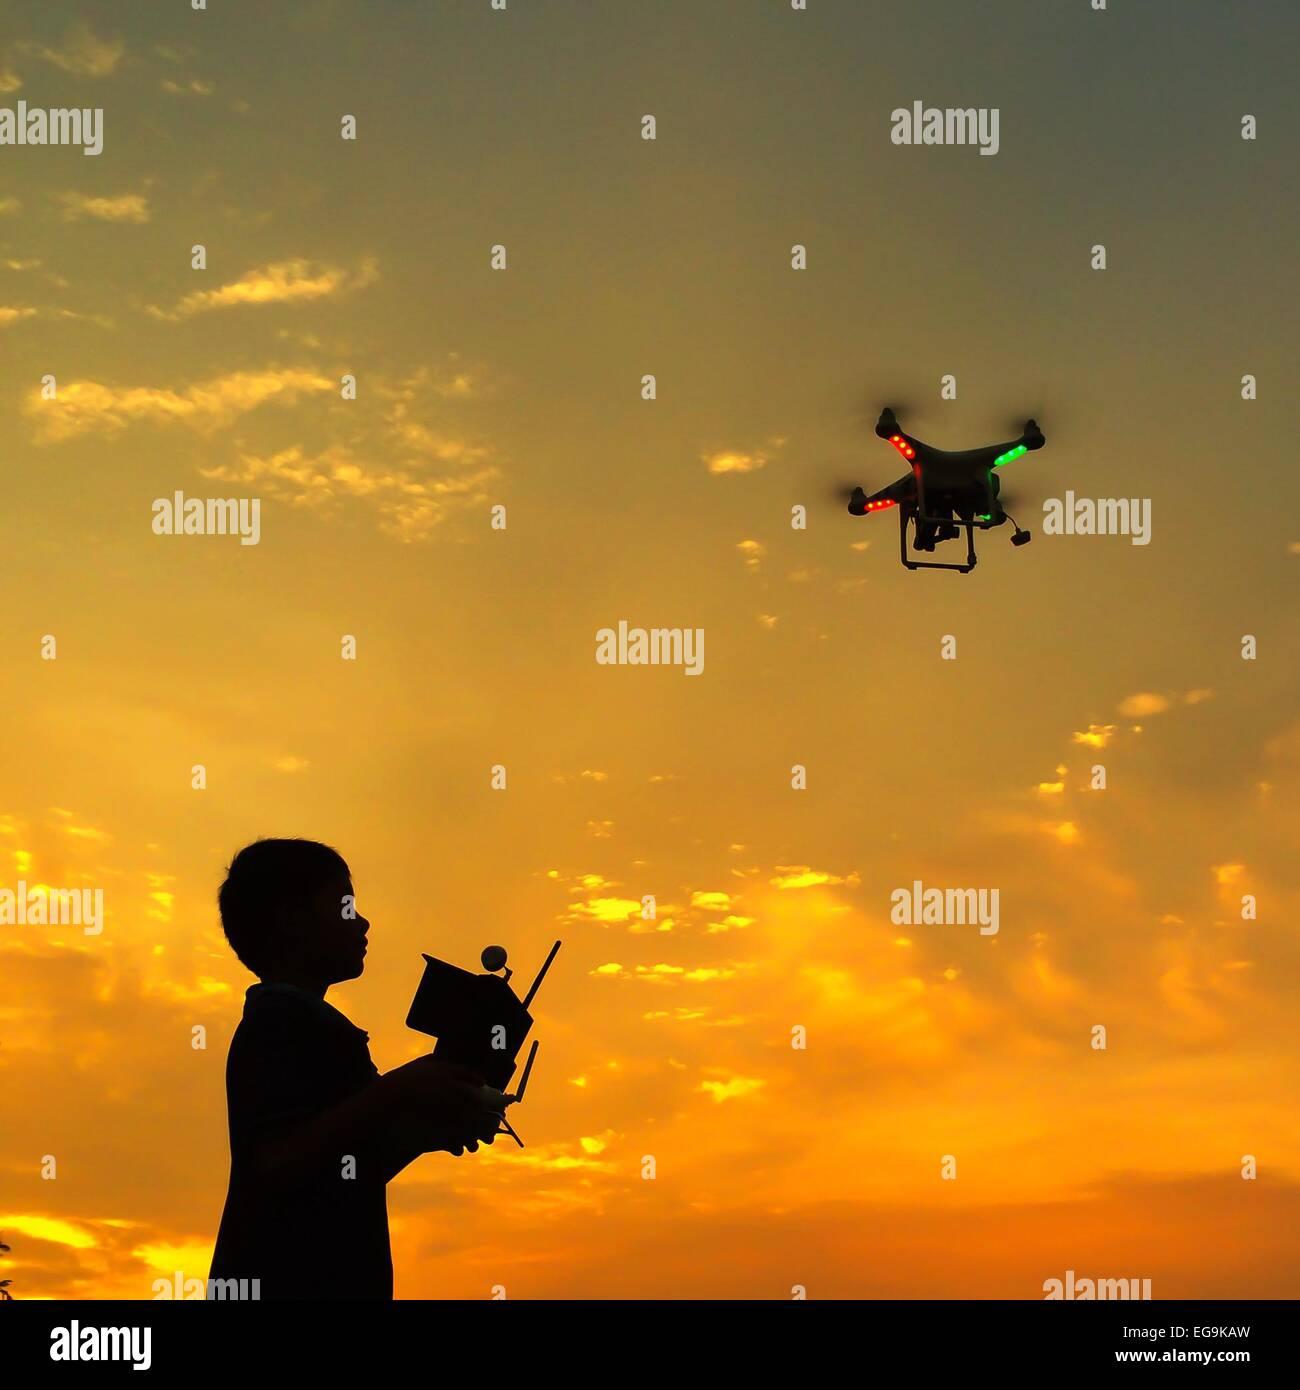 Silueta de niño volando un zumbido al atardecer Imagen De Stock